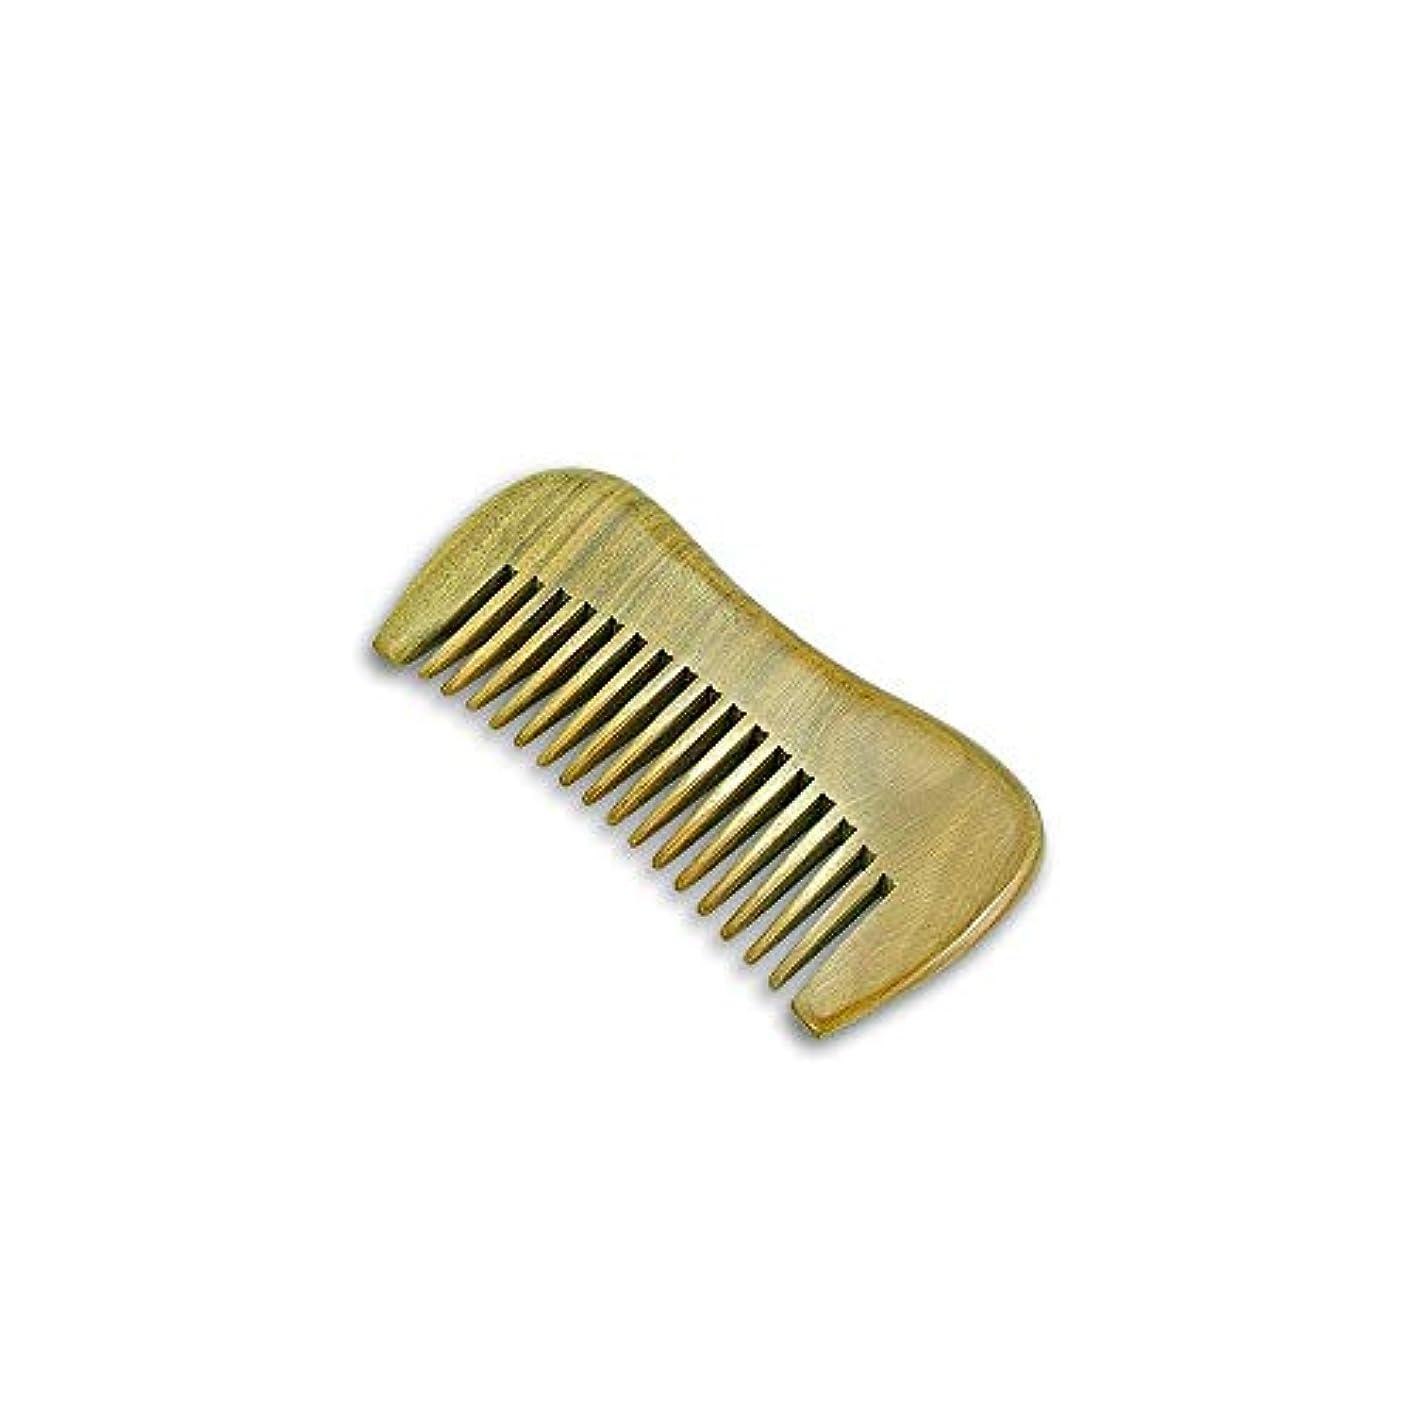 WASAIO 毛は自然なハンドメイドの緑のビャクダンの櫛の携帯用広い歯の櫛にブラシをかけます (色 : Photo color)